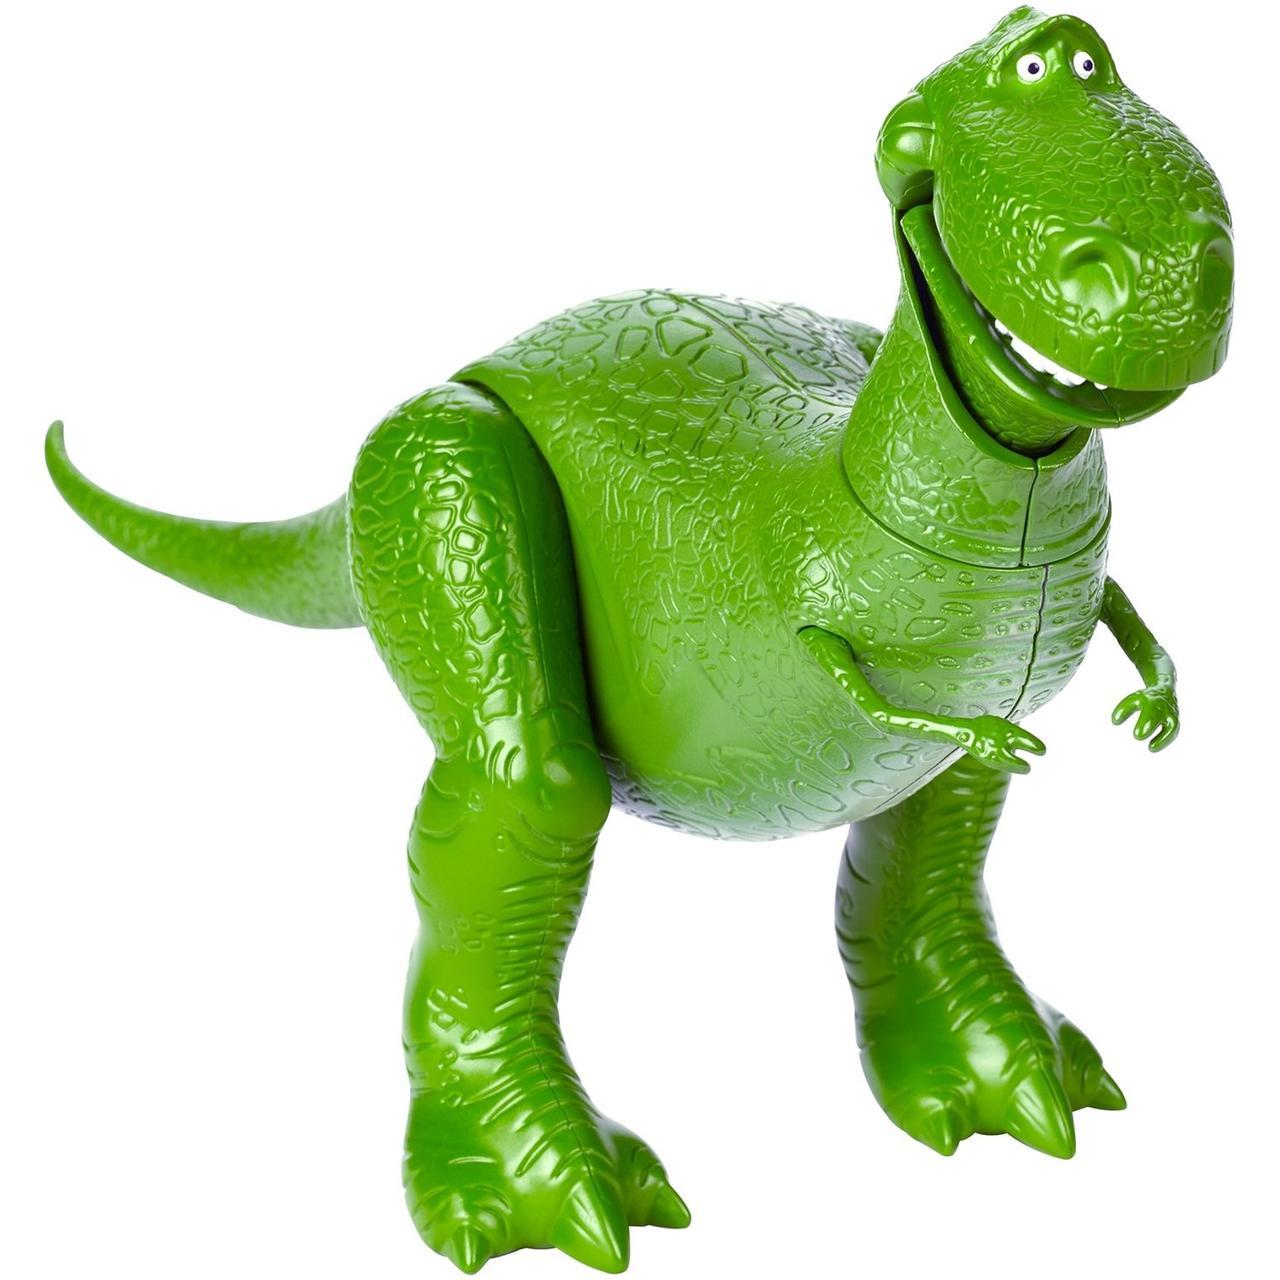 История игрушек Фигурка Динозавр Рекс, 17 см.